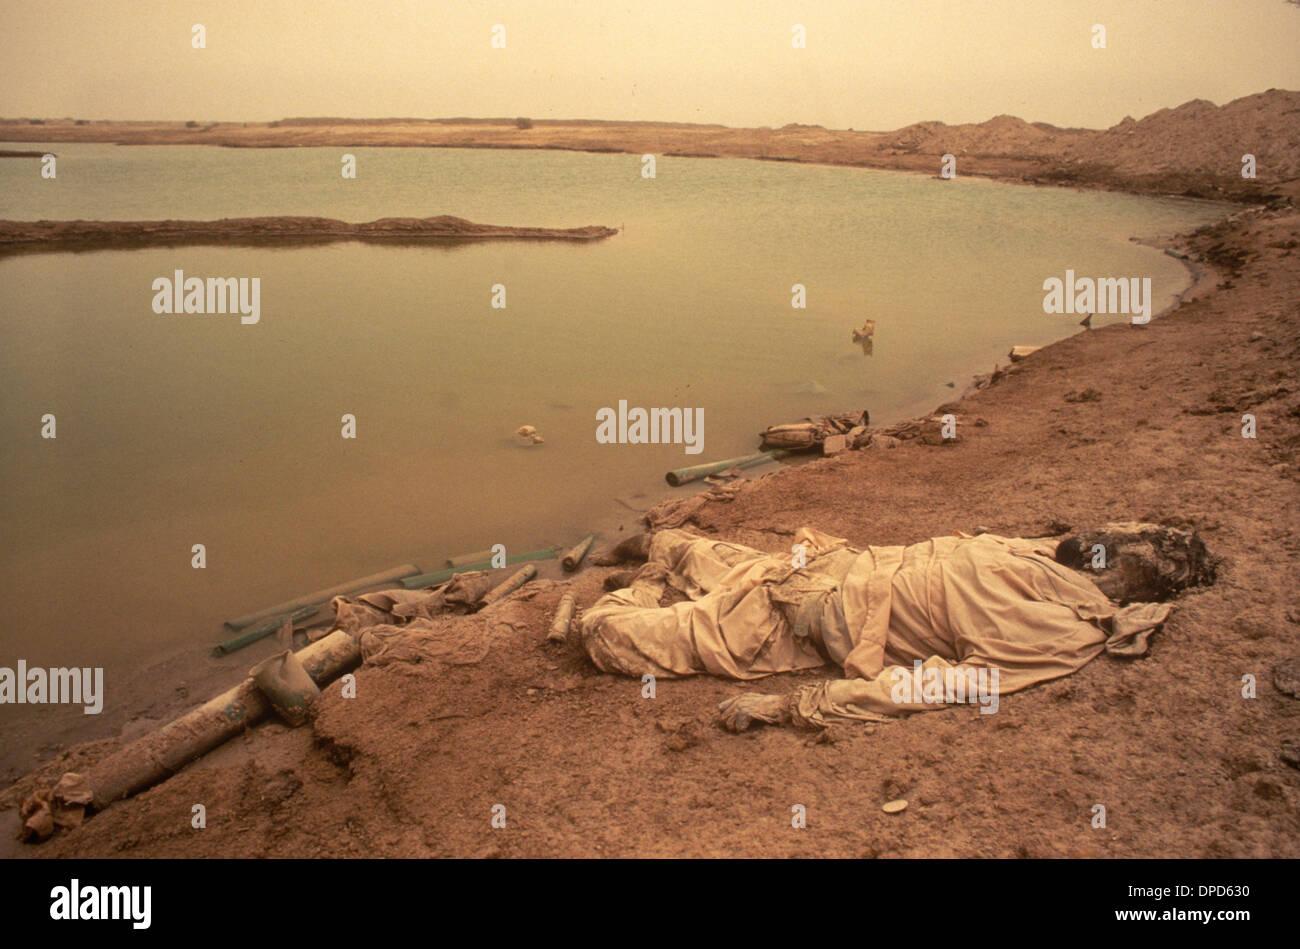 Iran Iraq Iran Iraq War Also Known As First Persian Gulf